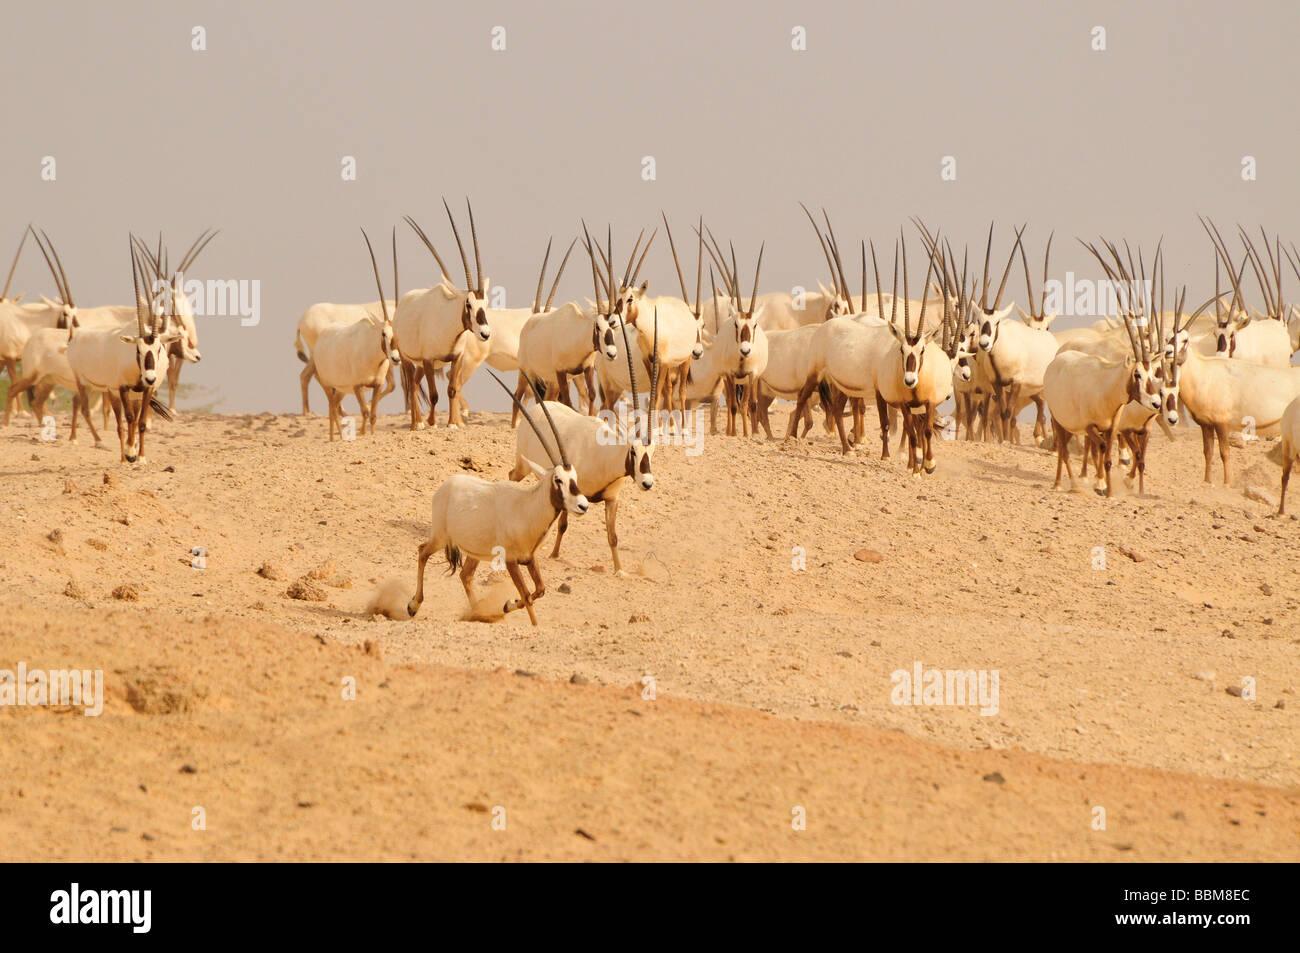 Arabische Oryx (arabischer Oryx), Sir Bani Yas Island, Abu Dhabi, Vereinigte Arabische Emirate, Arabien, Orient, Stockbild